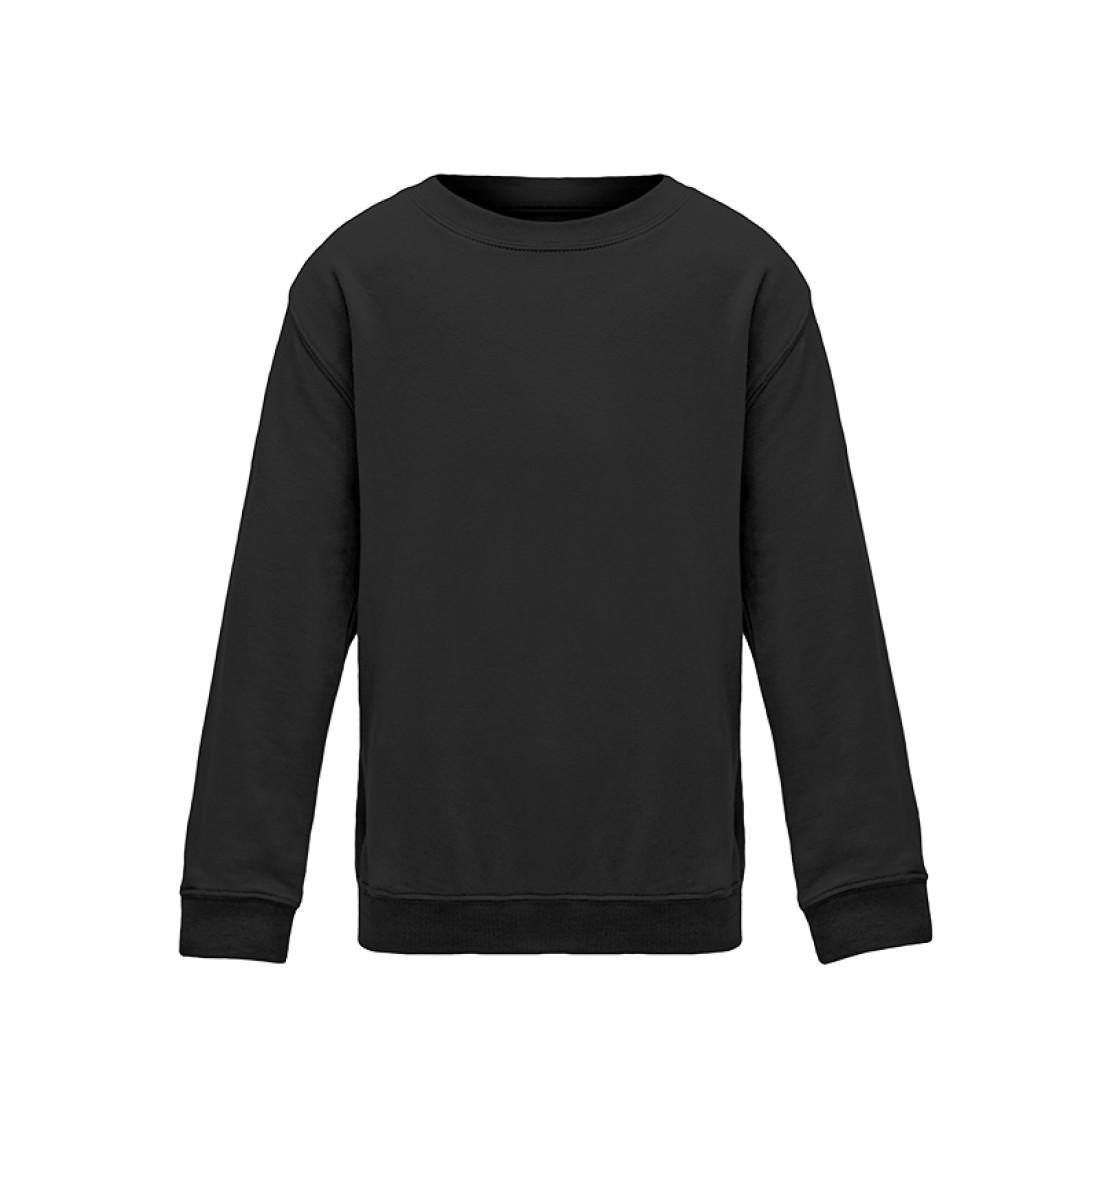 Beispiel - Kinder Sweatshirt-1624